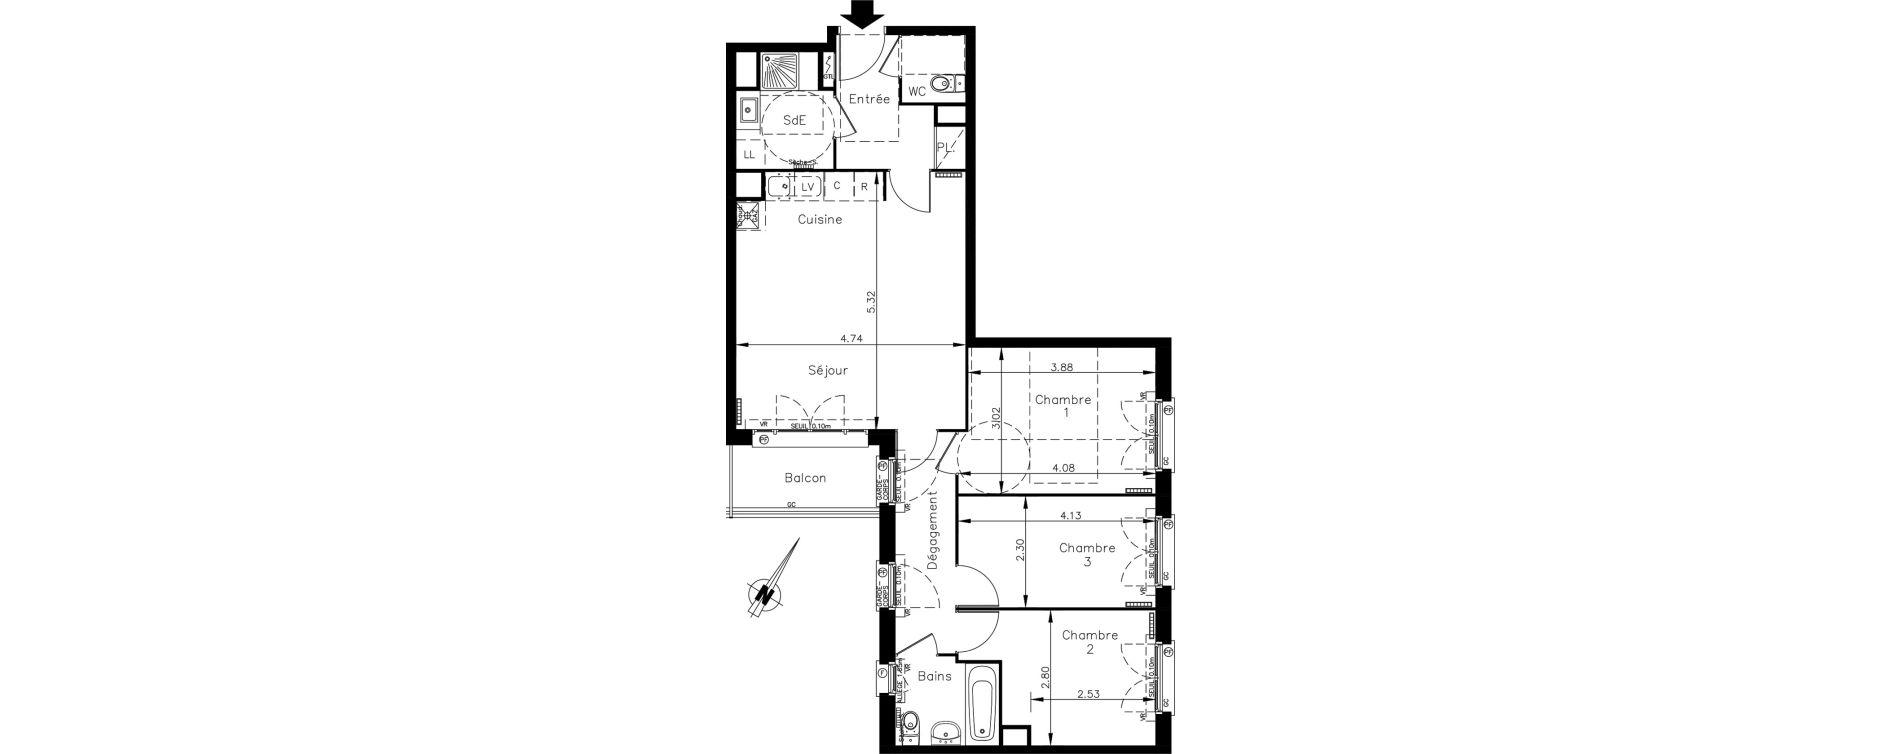 Appartement T4 de 76,56 m2 à Clamart Le petit clamart